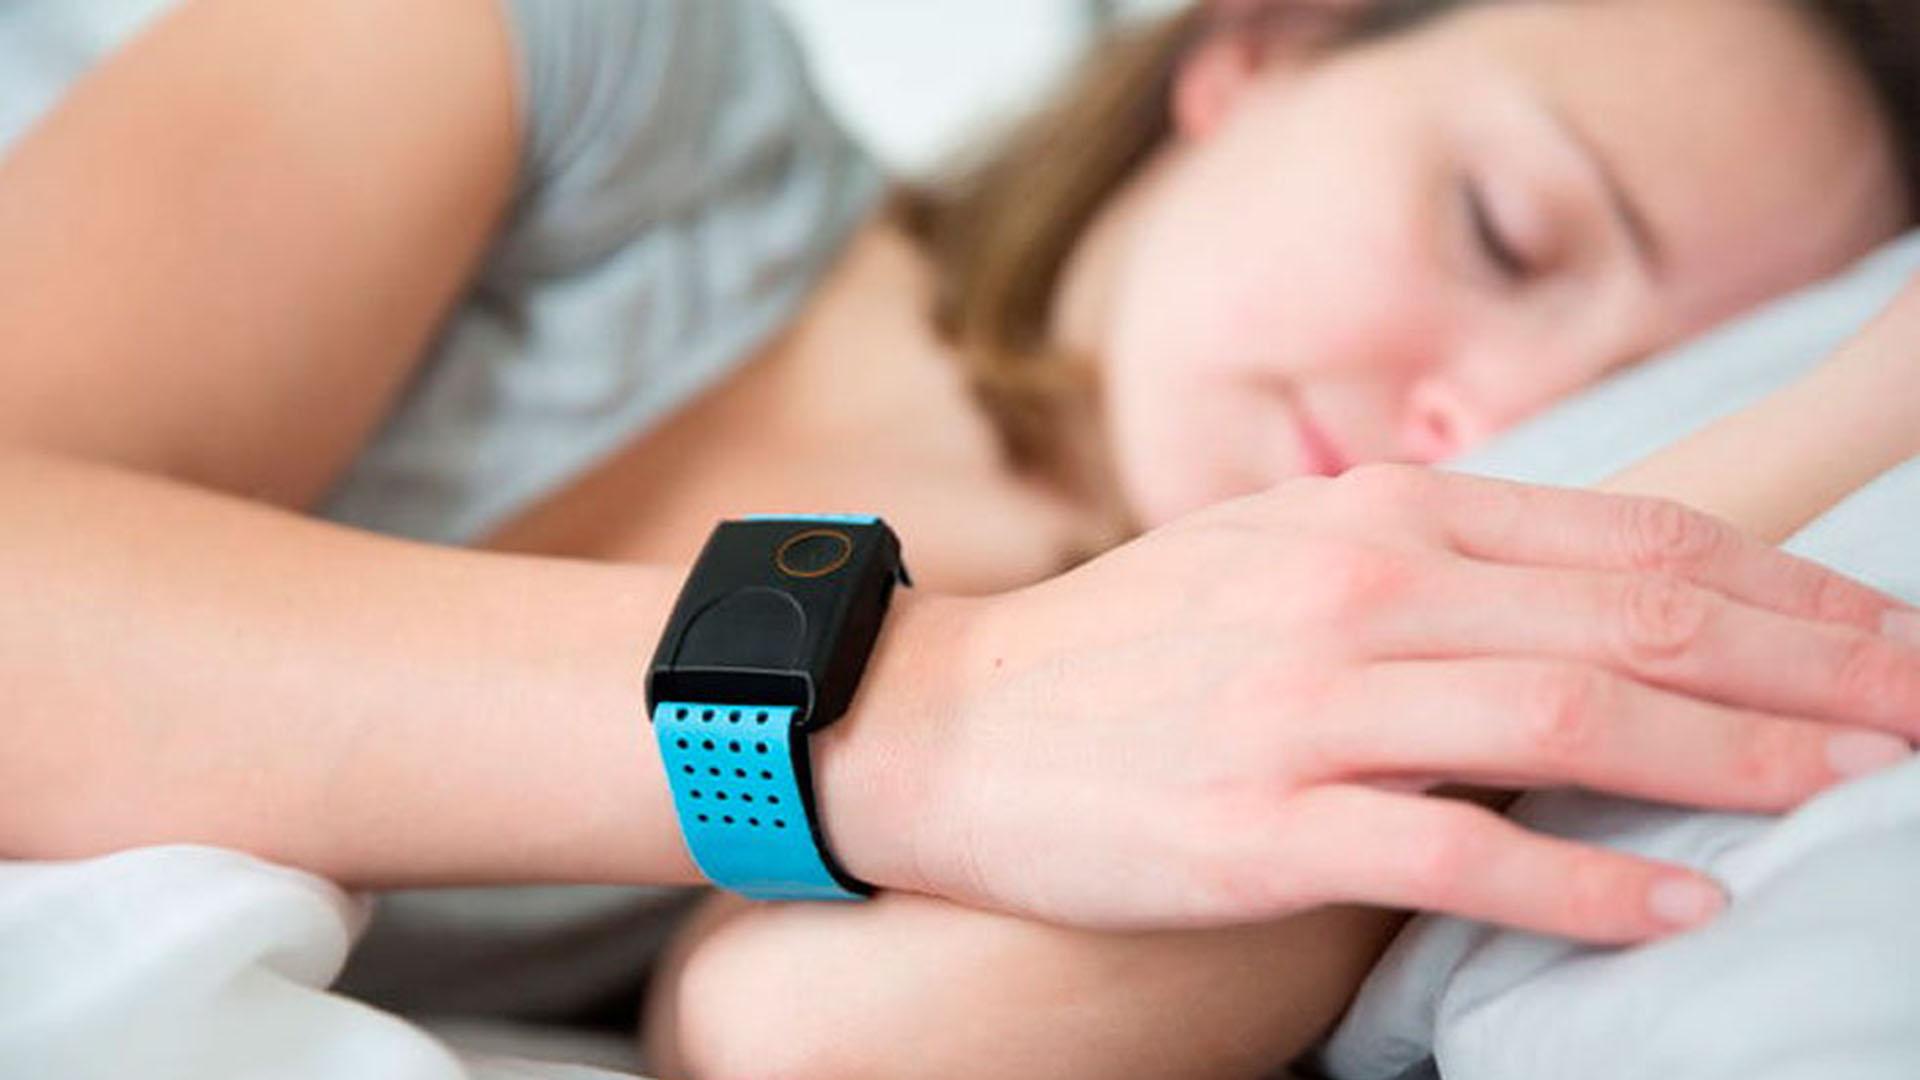 Quienes se oponen al horario de verano señalan que afecta el ciclo de sueño (Foto: archivo)